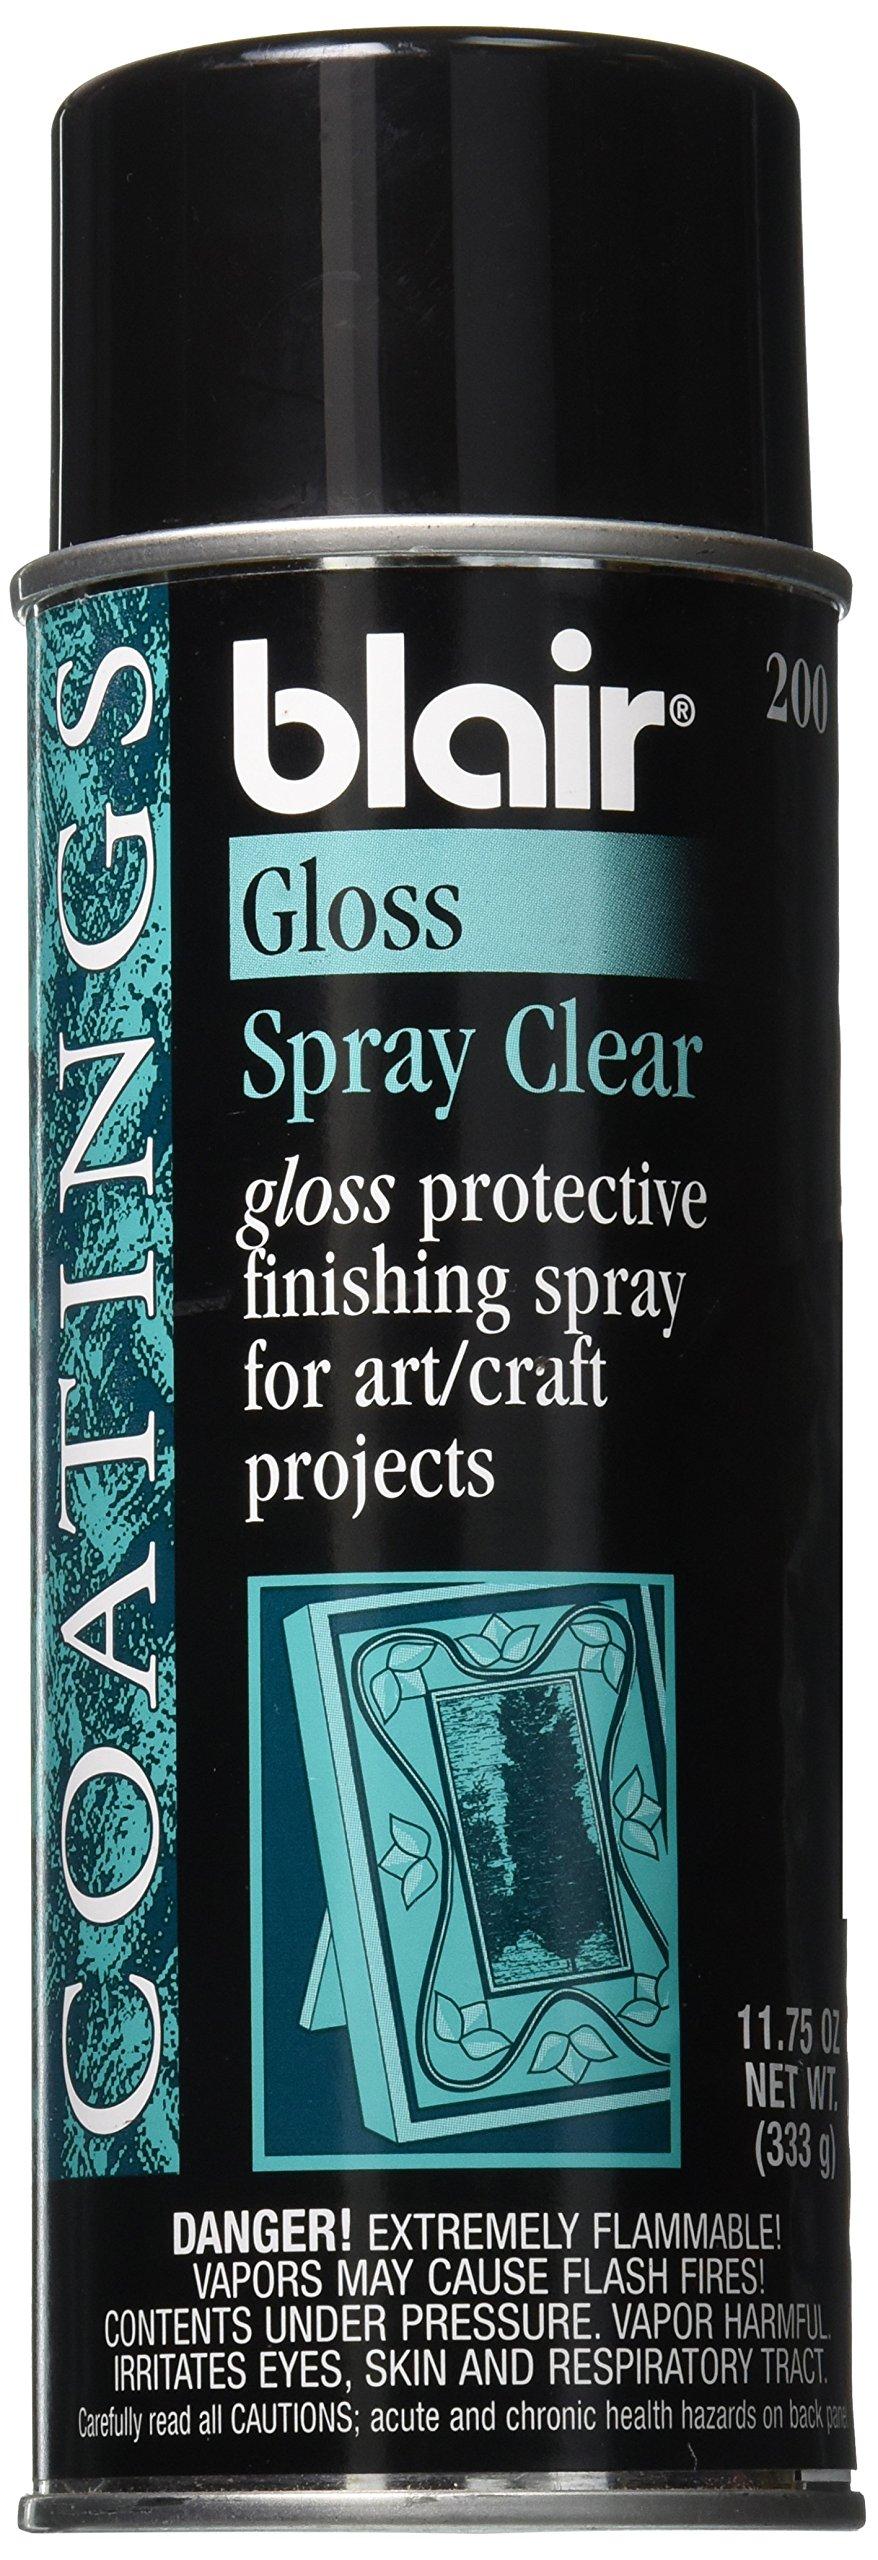 Blair Spray Clear Gloss (20016)